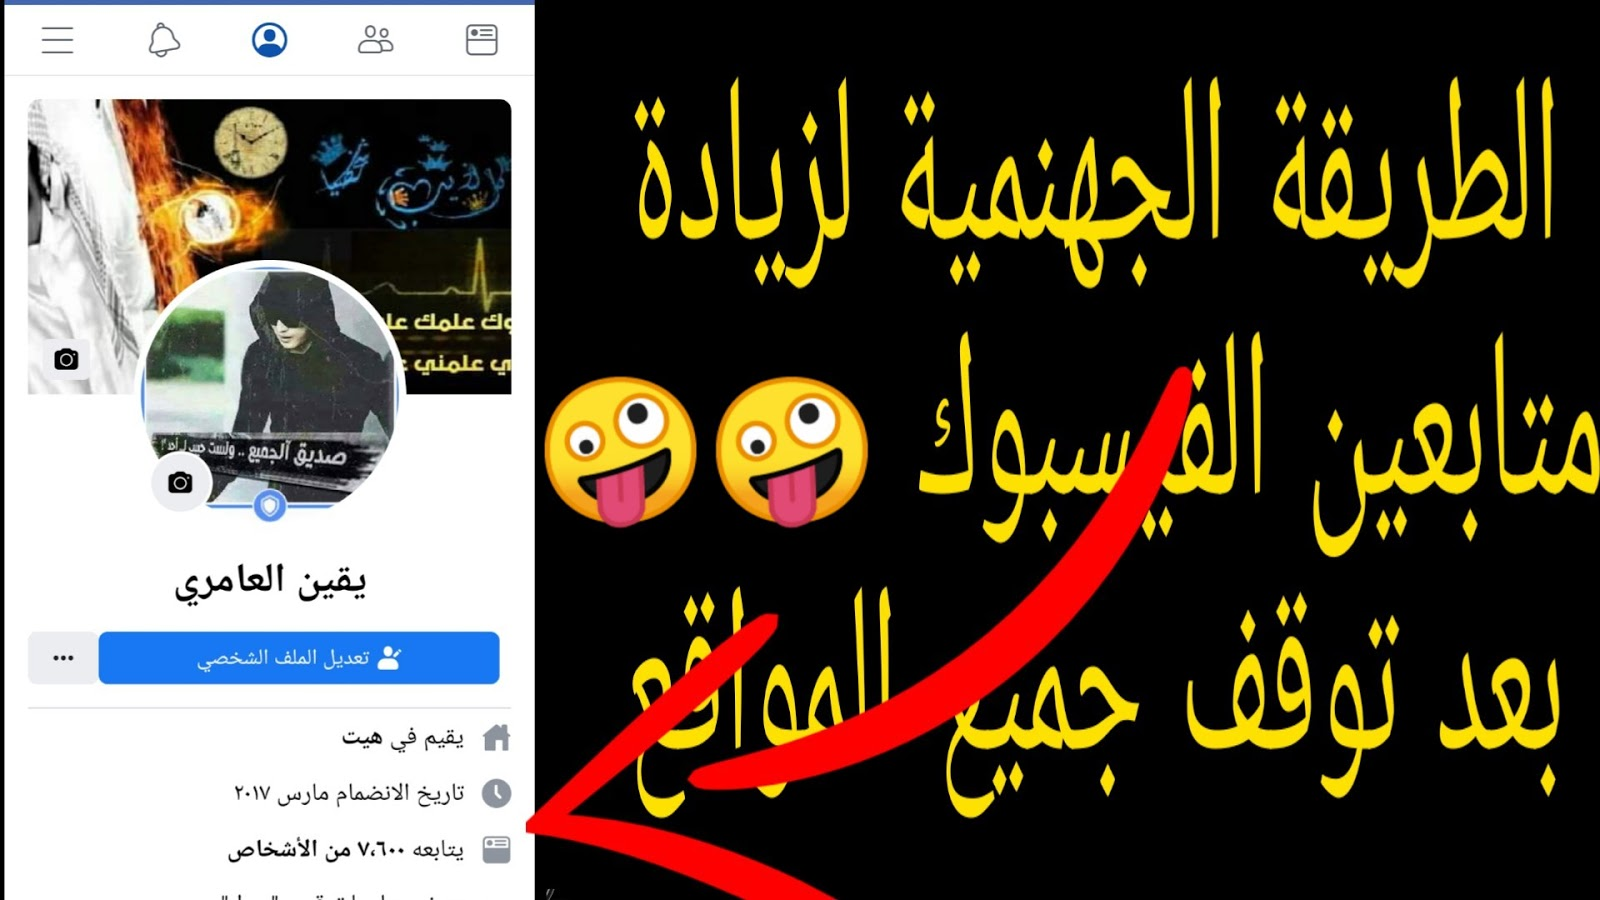 طريقة زيادة متابعين الفيسبوك بعد توقف جميع المواقع 2019